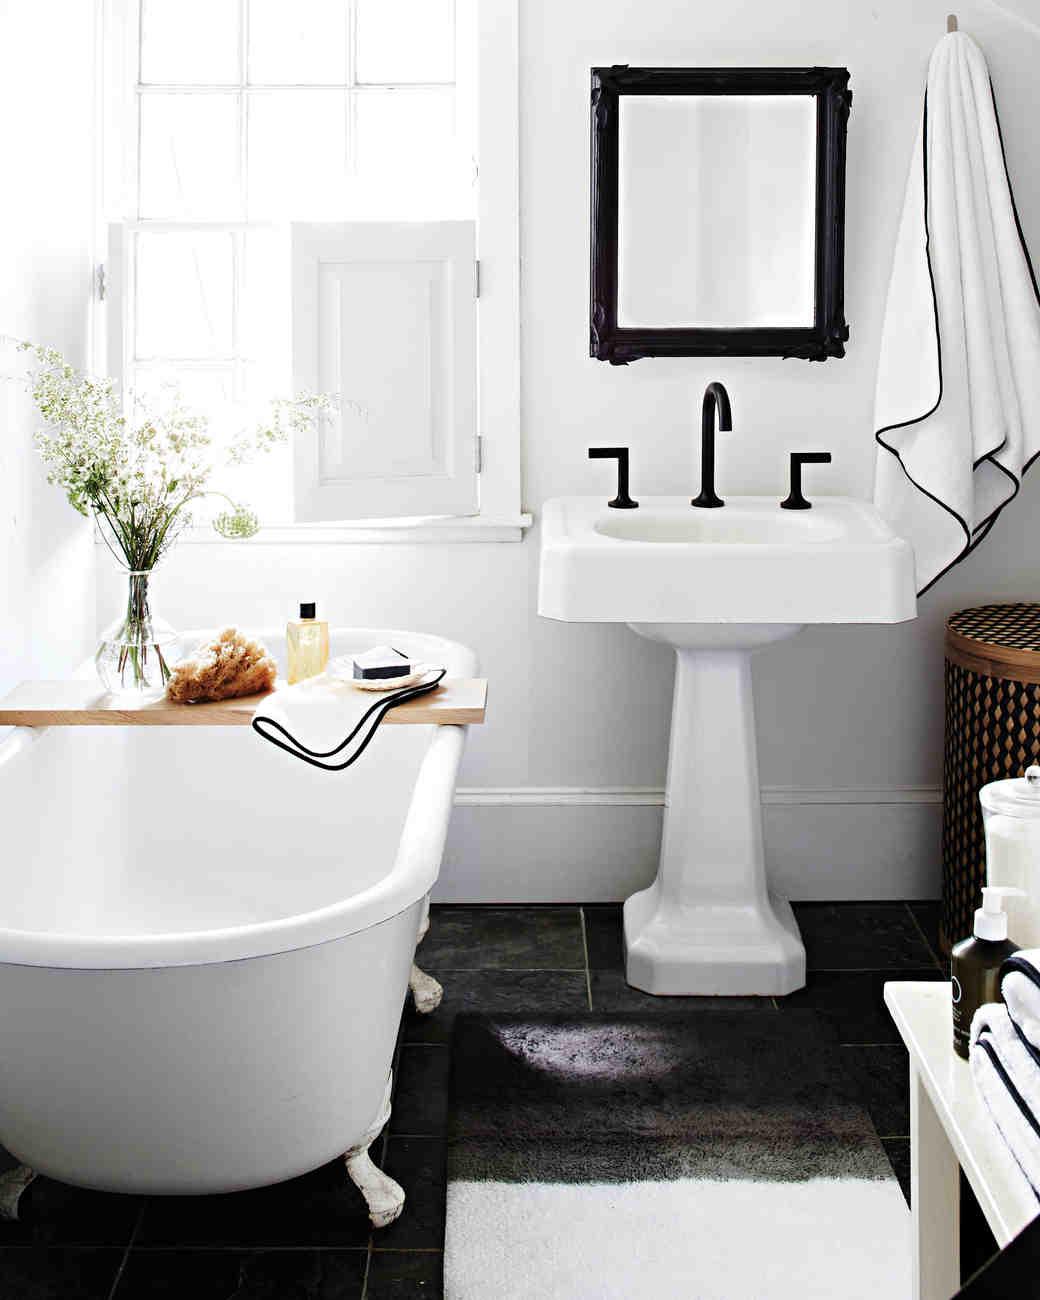 black-white-bathroom-9277-d113008.jpg